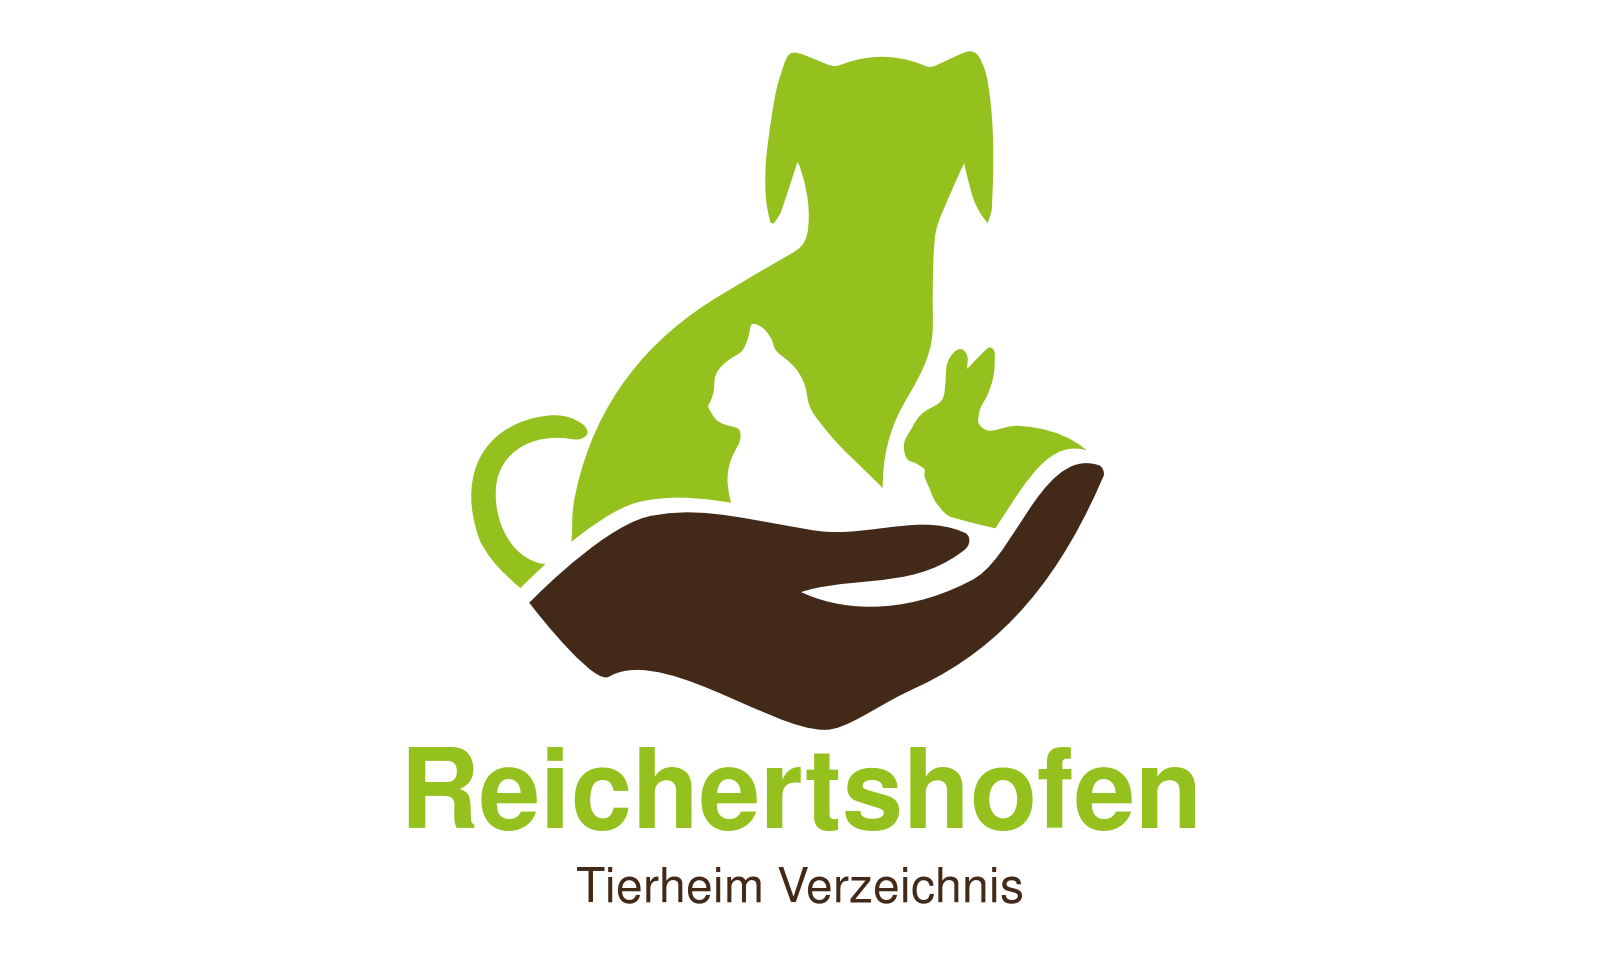 Tierheim Reichertshofen